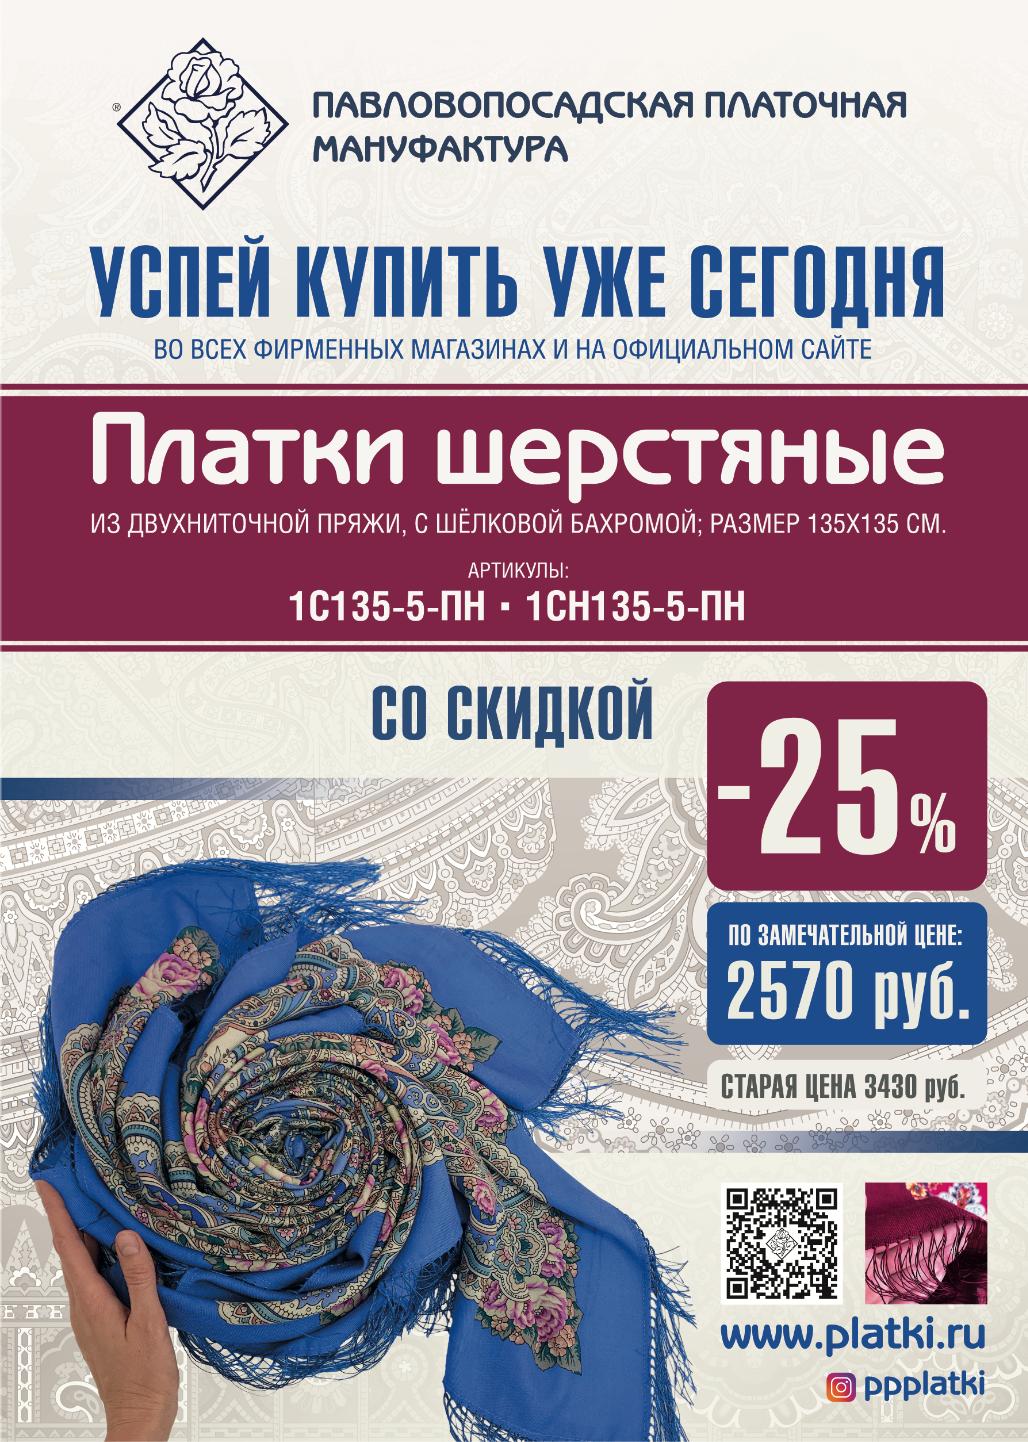 Read more about the article Бессрочная акция в фирменном магазине Павловопосадских платков